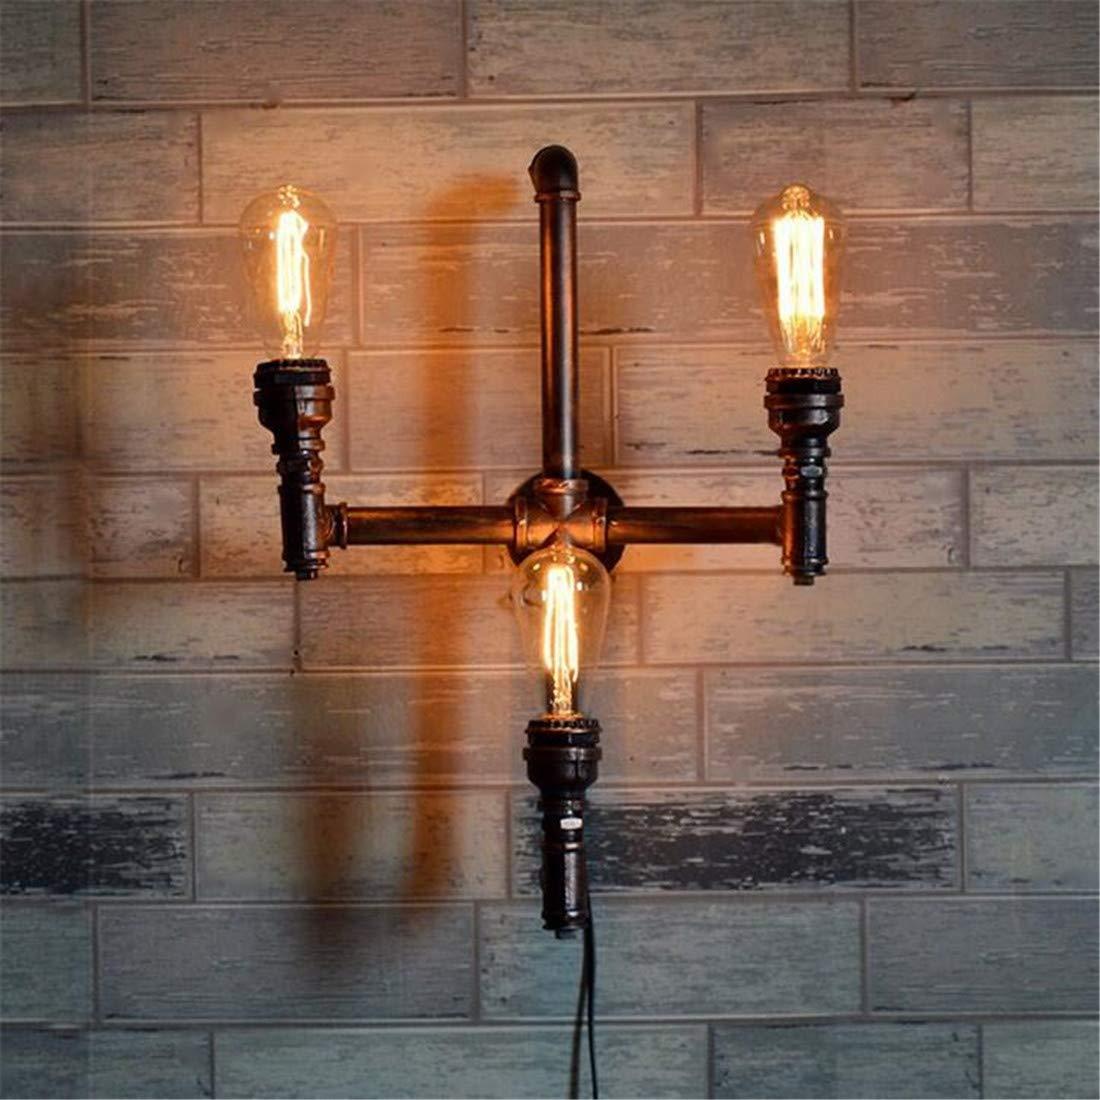 Moderne Kronleuchter Scheinwerfer Wasserpfeifen Wandleuchte Lichter Schatten 3 Lichter Mit E27 Sockel Industrielle Steampunk Vintage Edison Eisen Wandleuchte